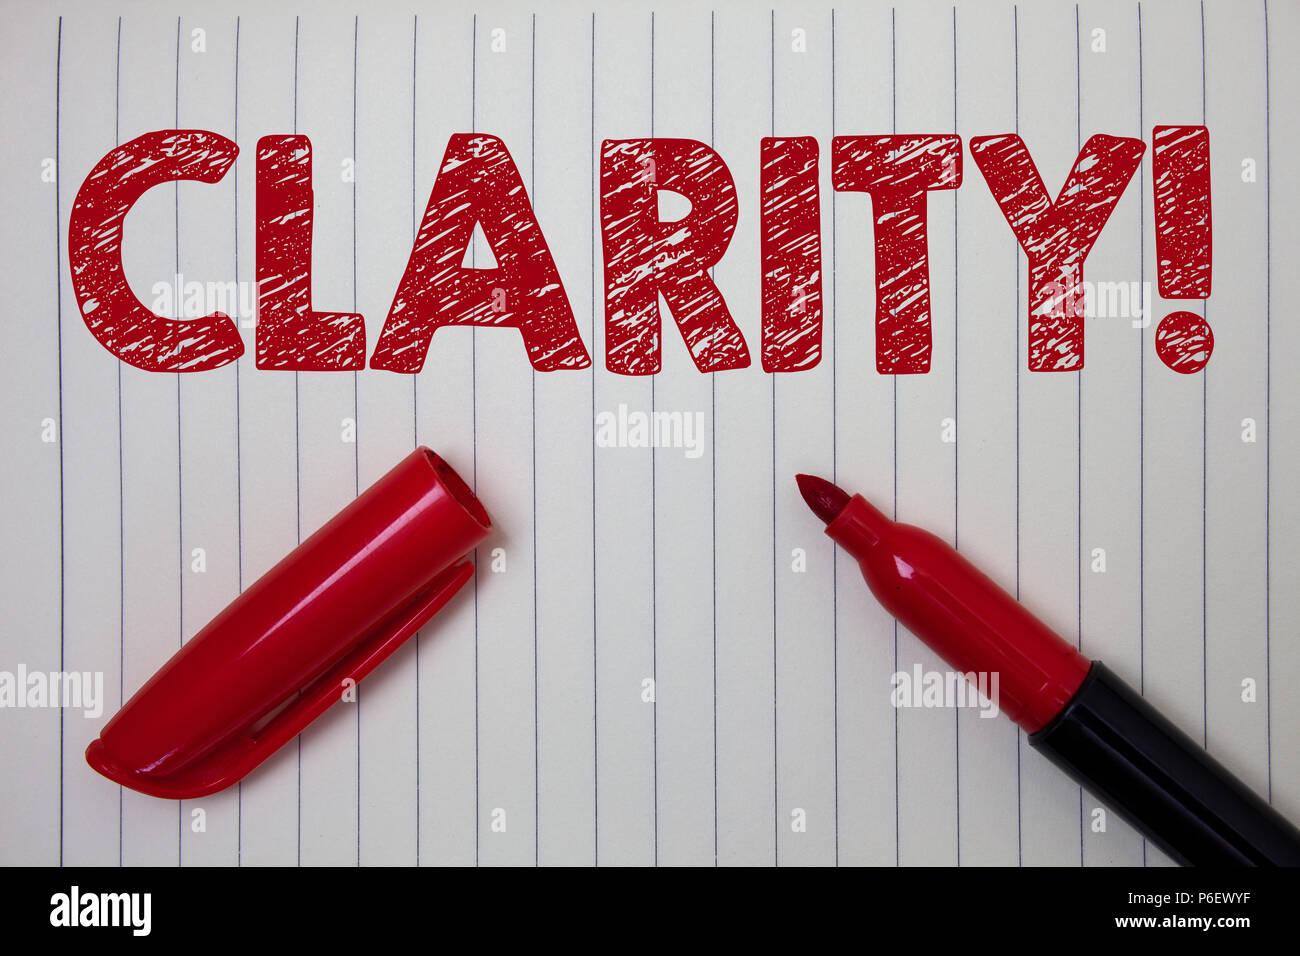 Parola di scrittura di testo chiarezza. Il concetto di business per la certezza di purezza di precisione comprensibilità trasparenza Notebook precisione sfondo carta contrassegno aperto Immagini Stock